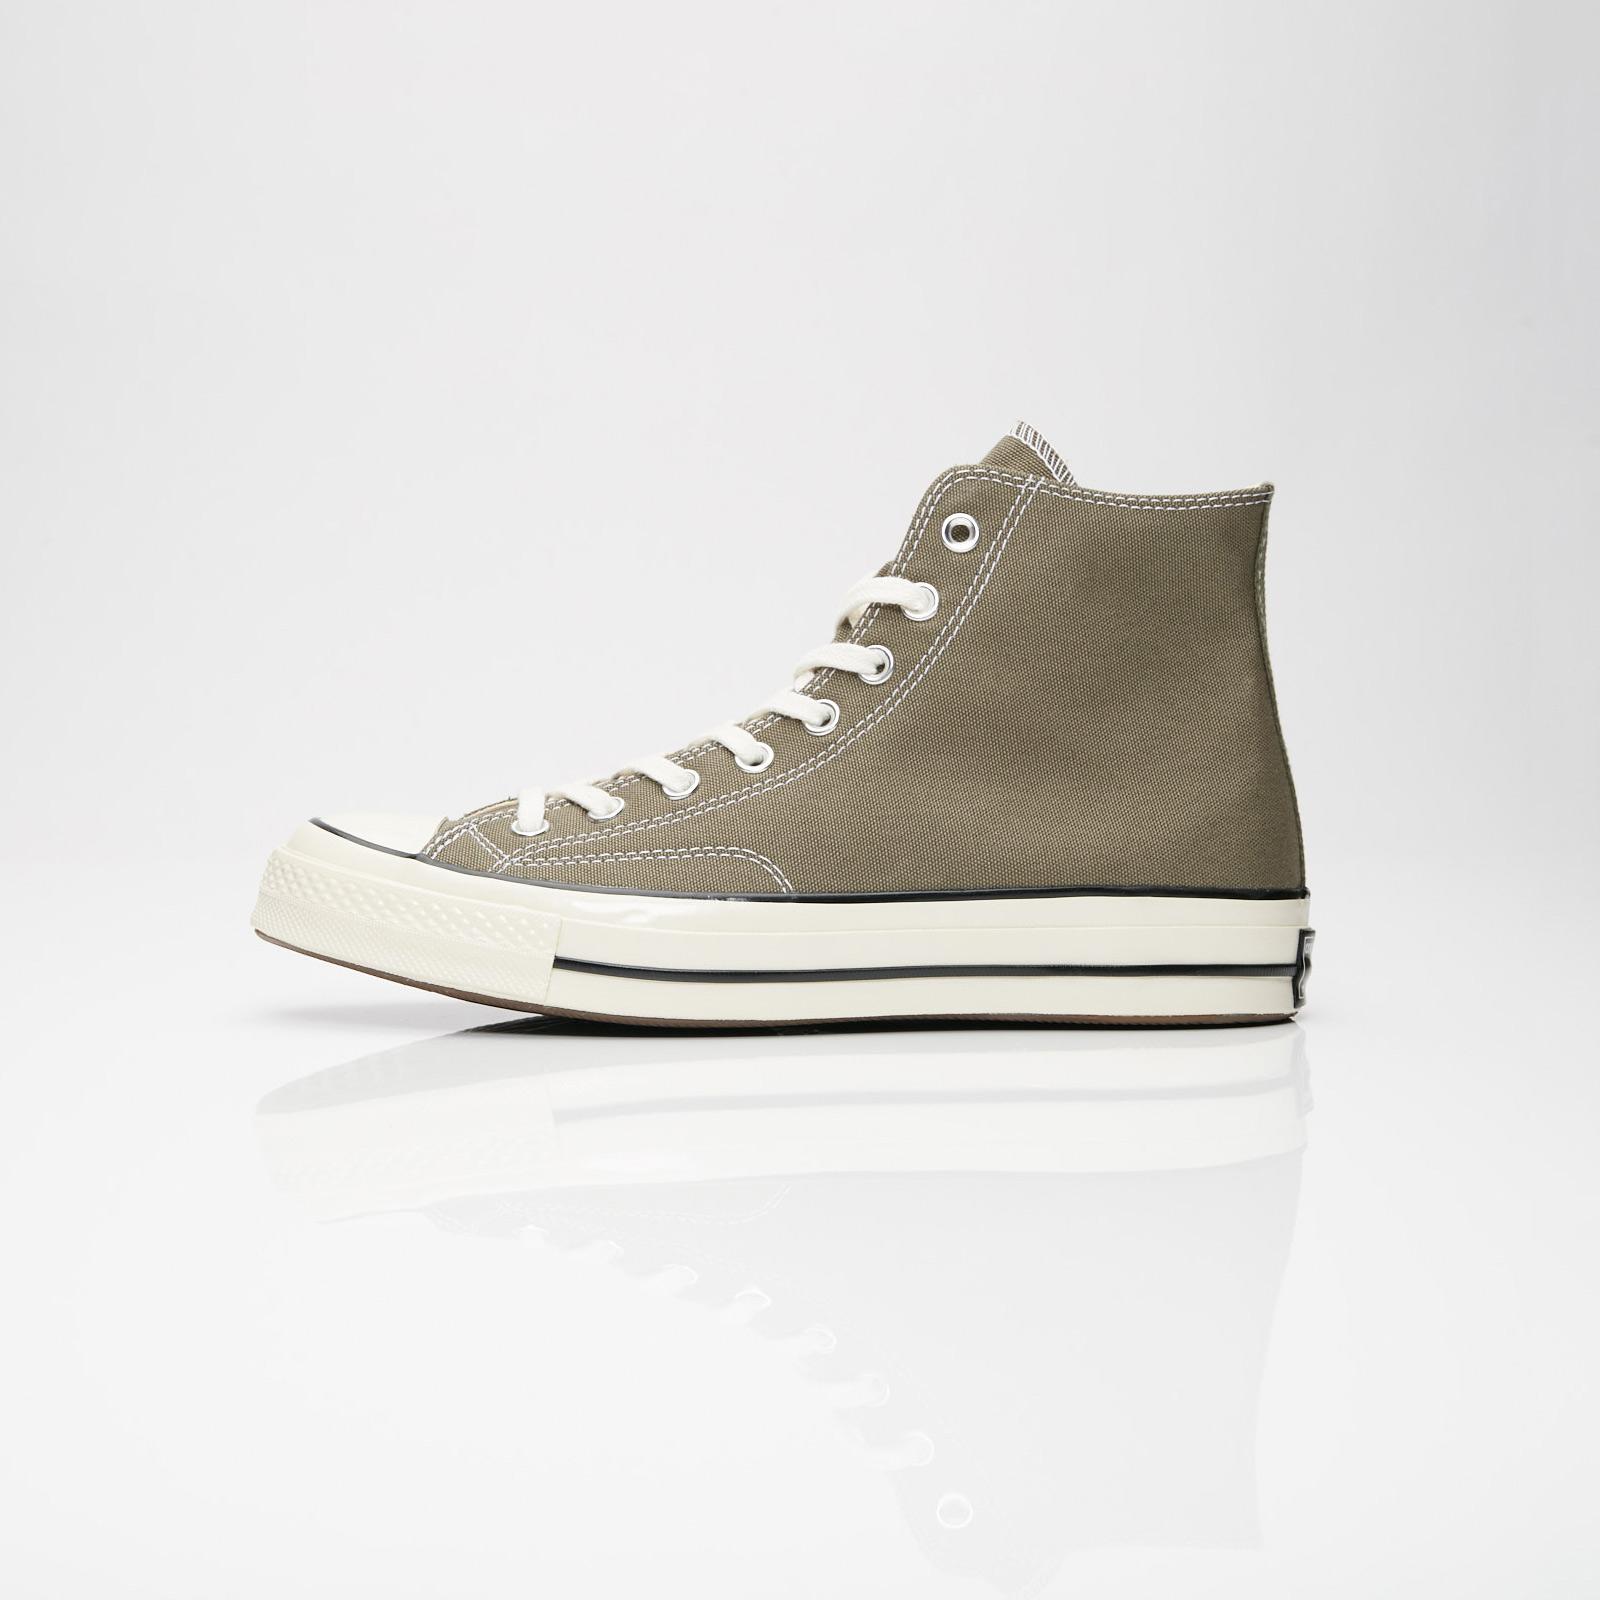 8a9e0ed2ec3 Converse Chuck Taylor 70 - Hi - 162052c - Sneakersnstuff